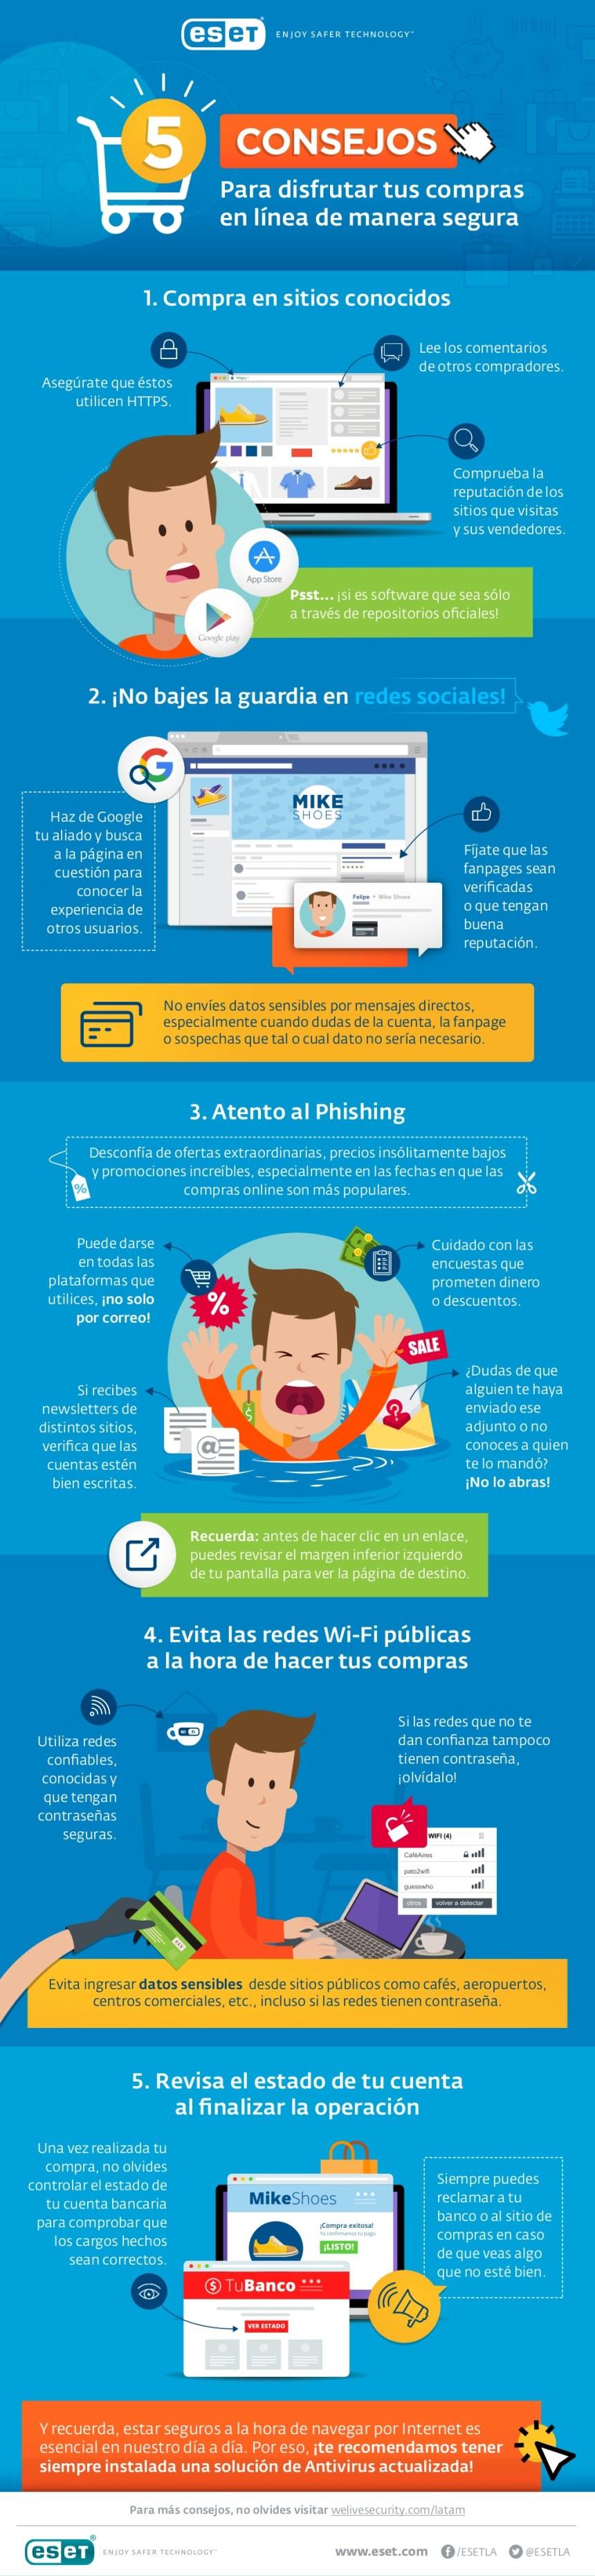 5 consejos para comprar online de forma segura